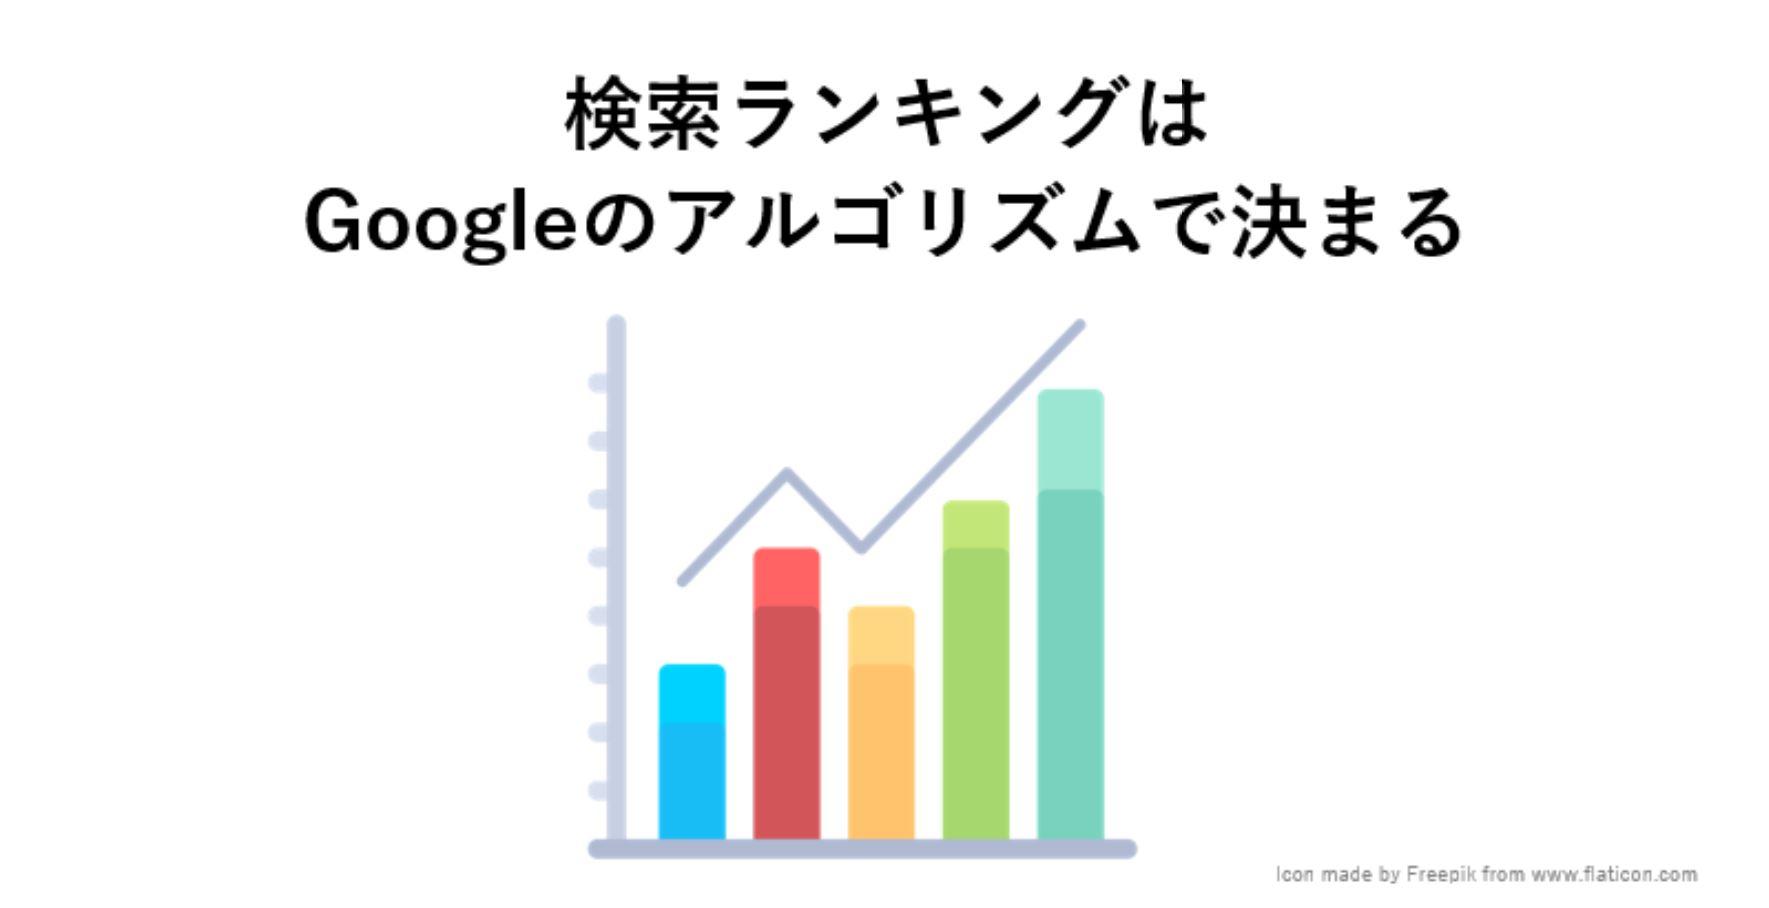 検索ランキングはGoogleのアルゴリズムで決まる